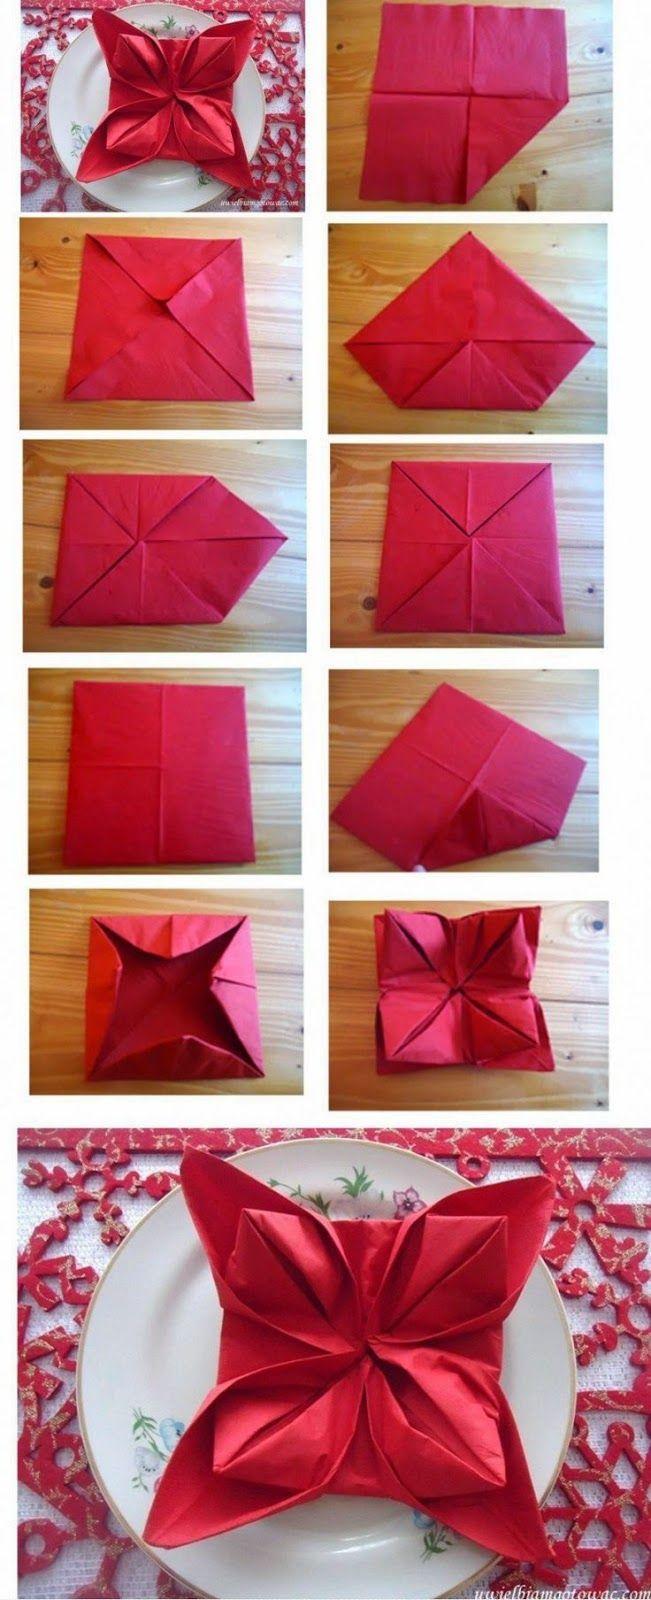 Ideas para decorar la mesa en navidad http://ariadnagarciabermudez.blogspot.com.es/2014/12/ideas-para-decorar-la-mesa-en-navidad.html